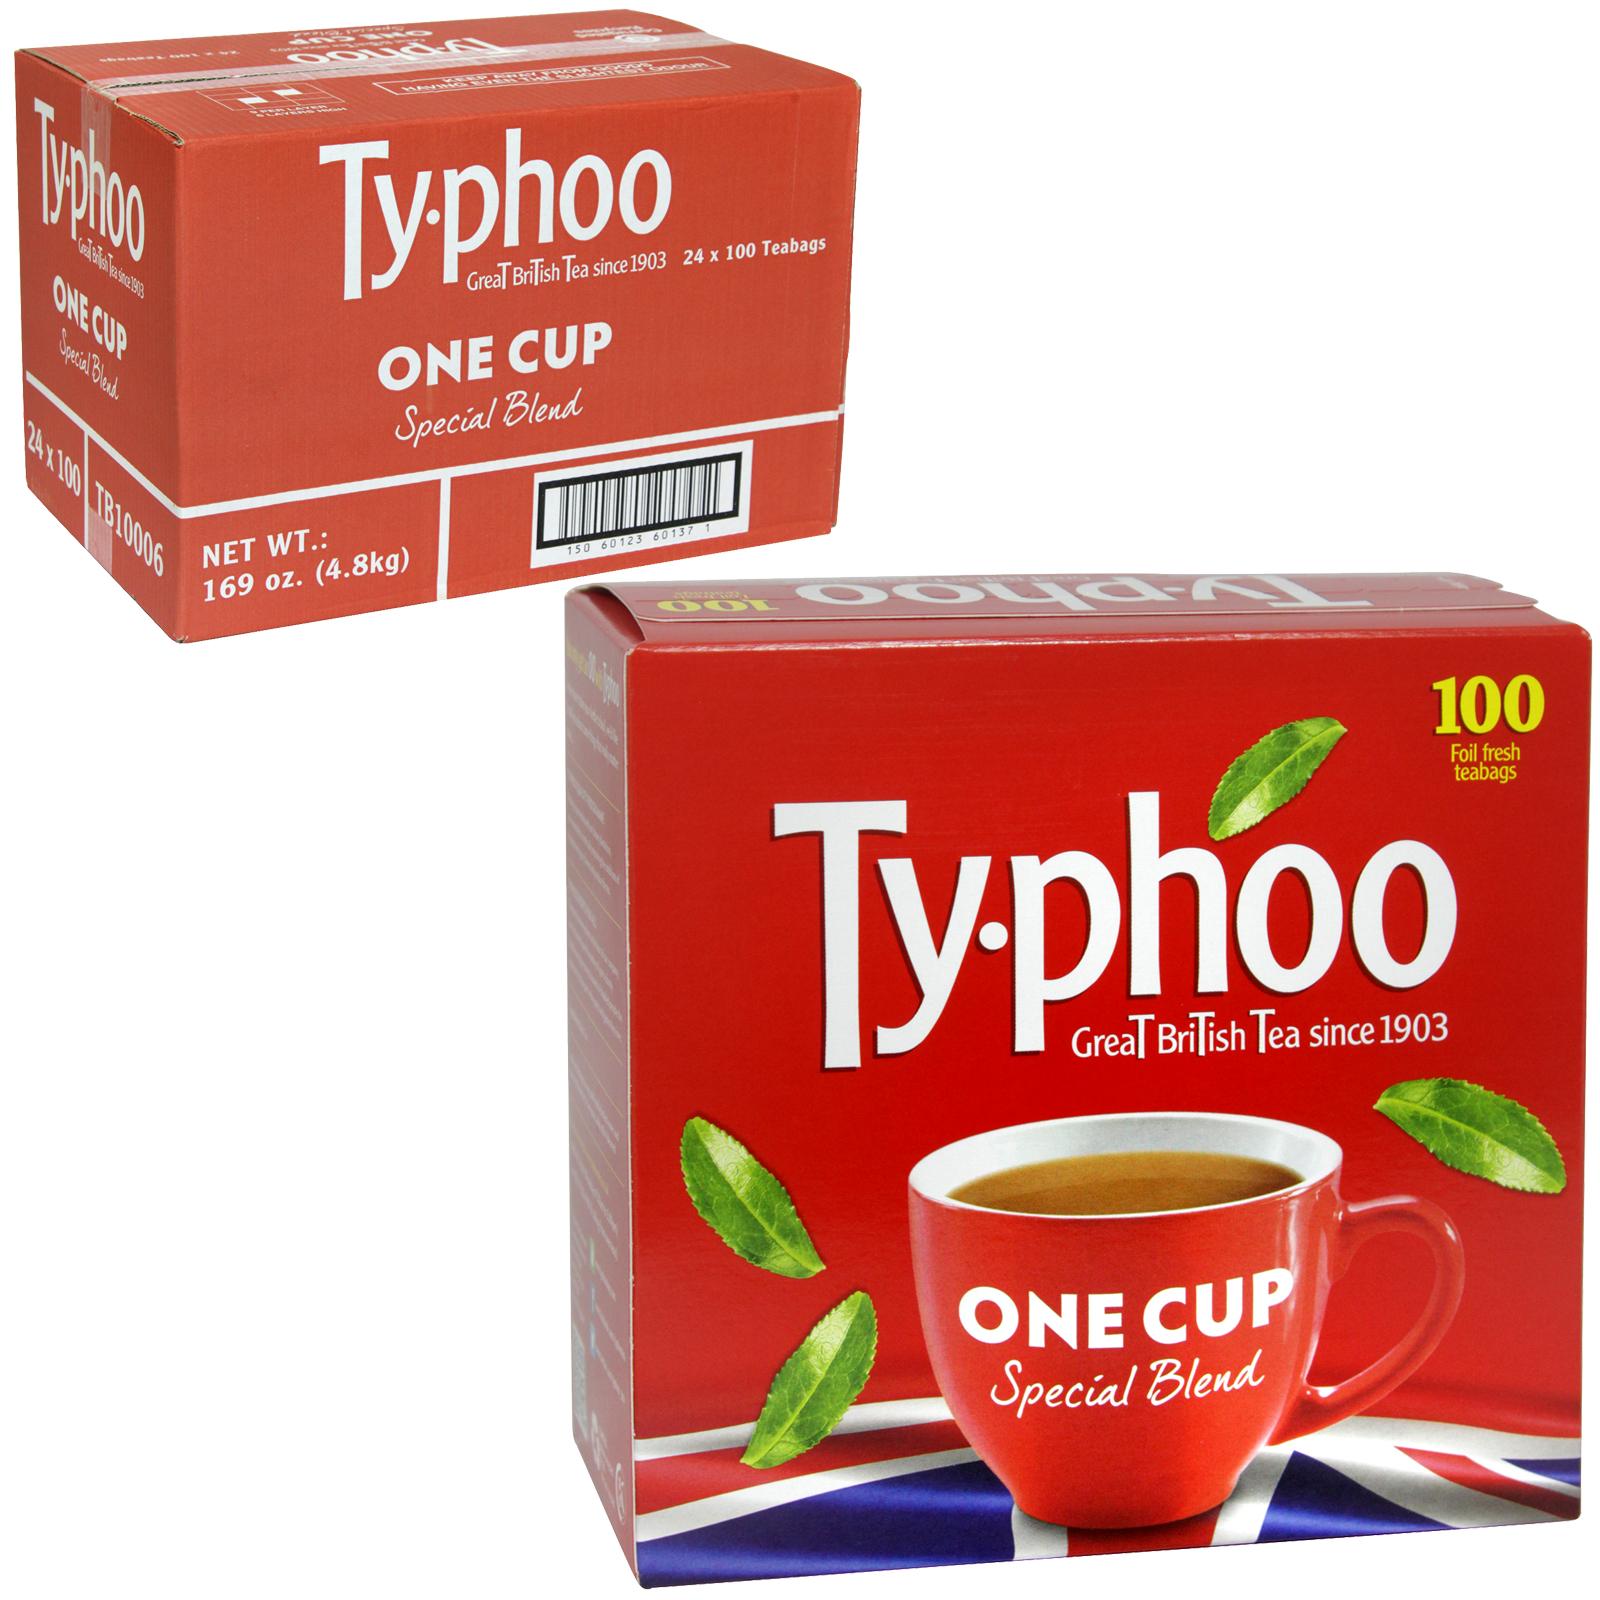 TYPHOO 100S ROUND TEA BAGS PM 2.19 X 24